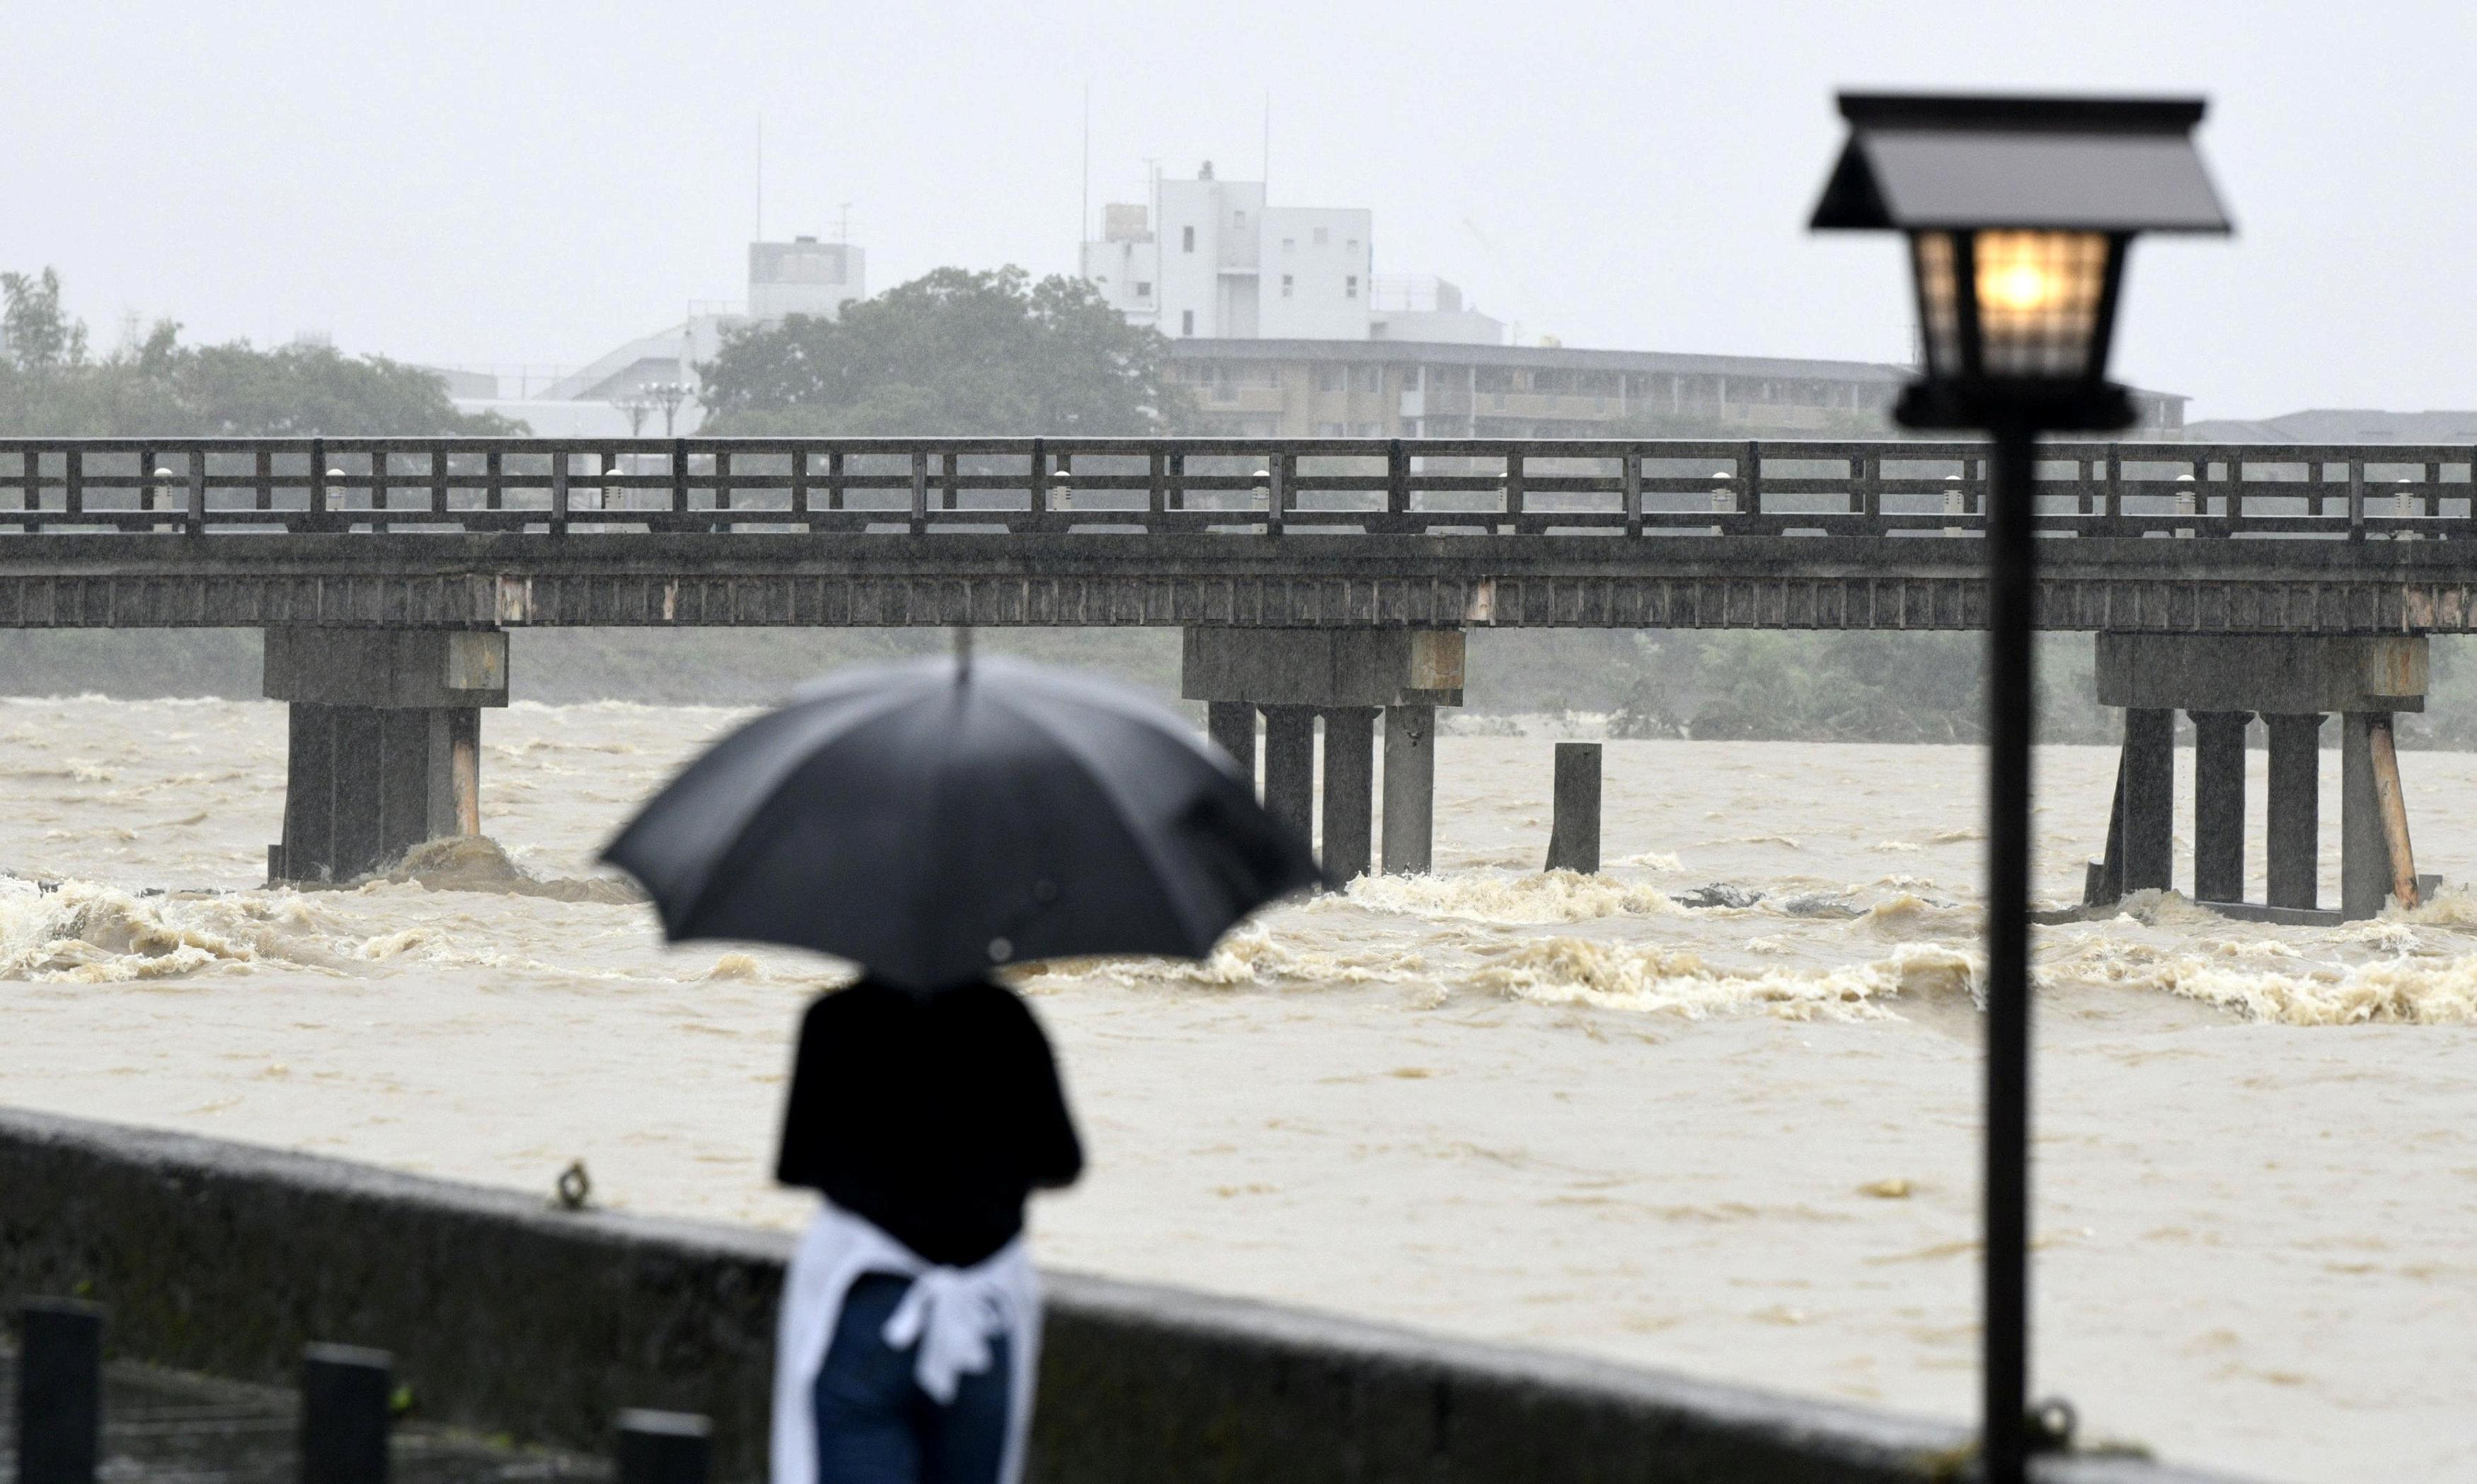 جانب من الفيضان فى اليابان